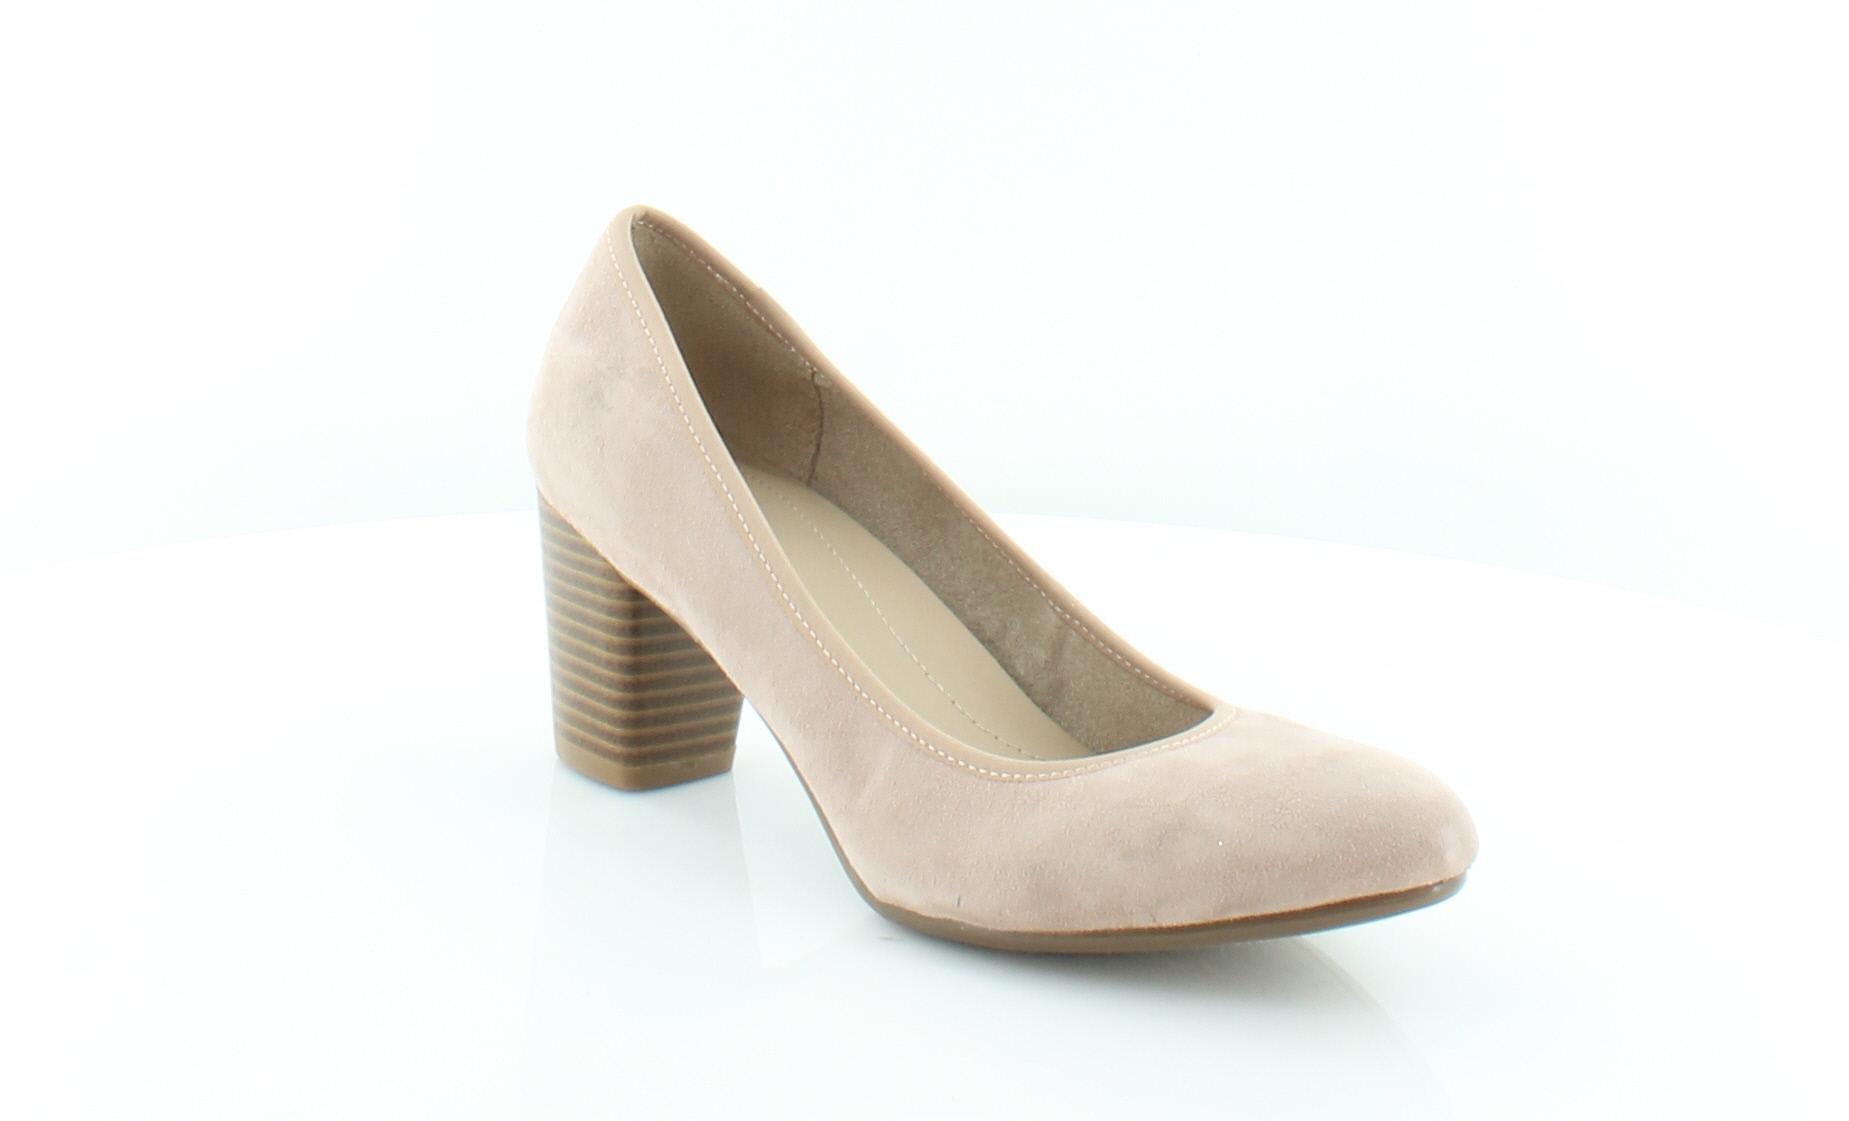 bb34af10a699 Naturalizer Naomi Beige Womens Shoes Size 7 M Heels MSRP  69 ...